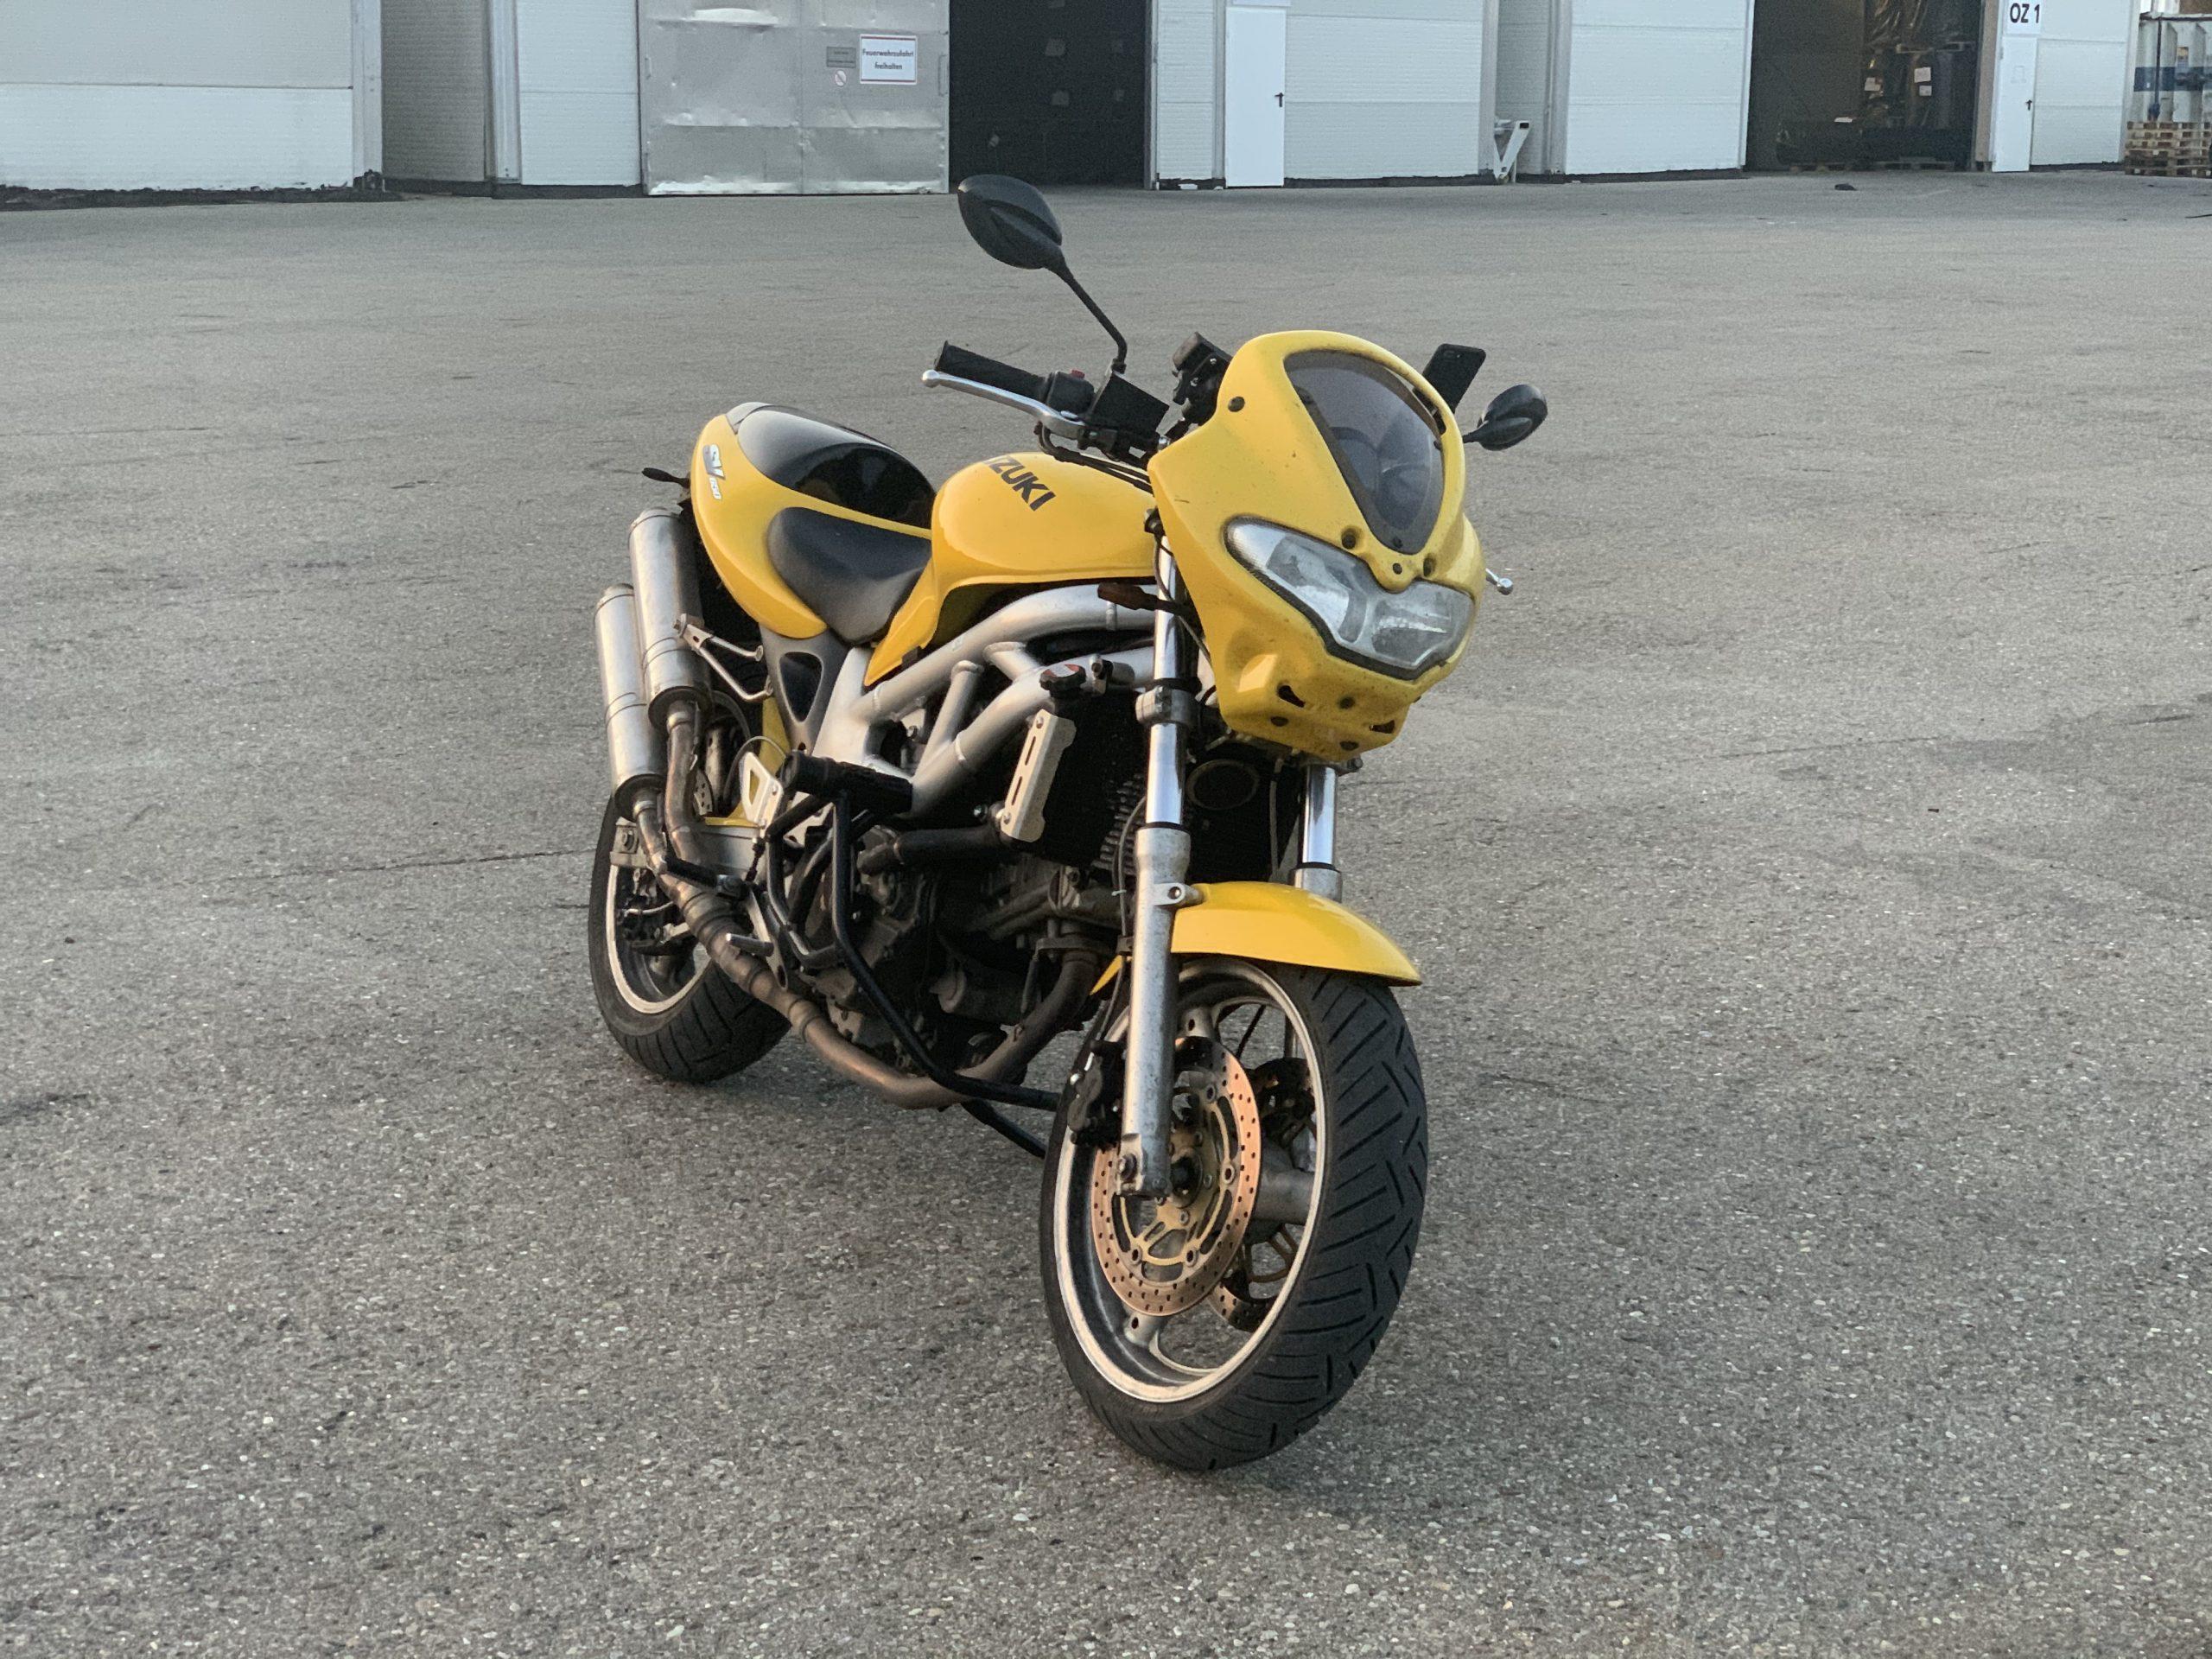 SV 650 N - 2001